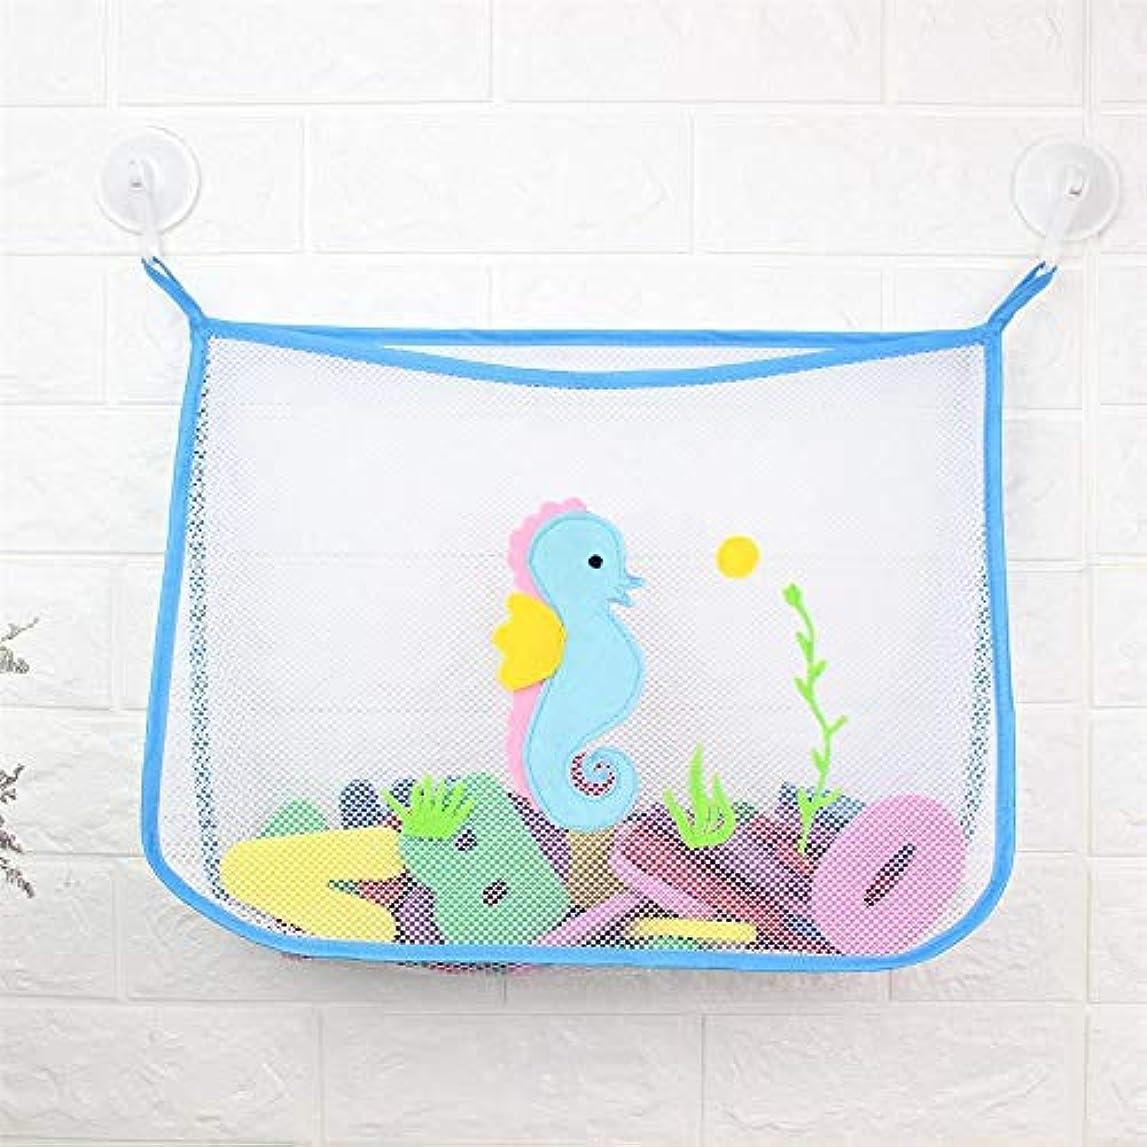 安心勝利した日付ベビーシャワー風呂のおもちゃ小さなアヒル小さなカエルの赤ちゃん子供のおもちゃ収納メッシュで強い吸盤玩具バッグネット浴室オーガナイザー (青)